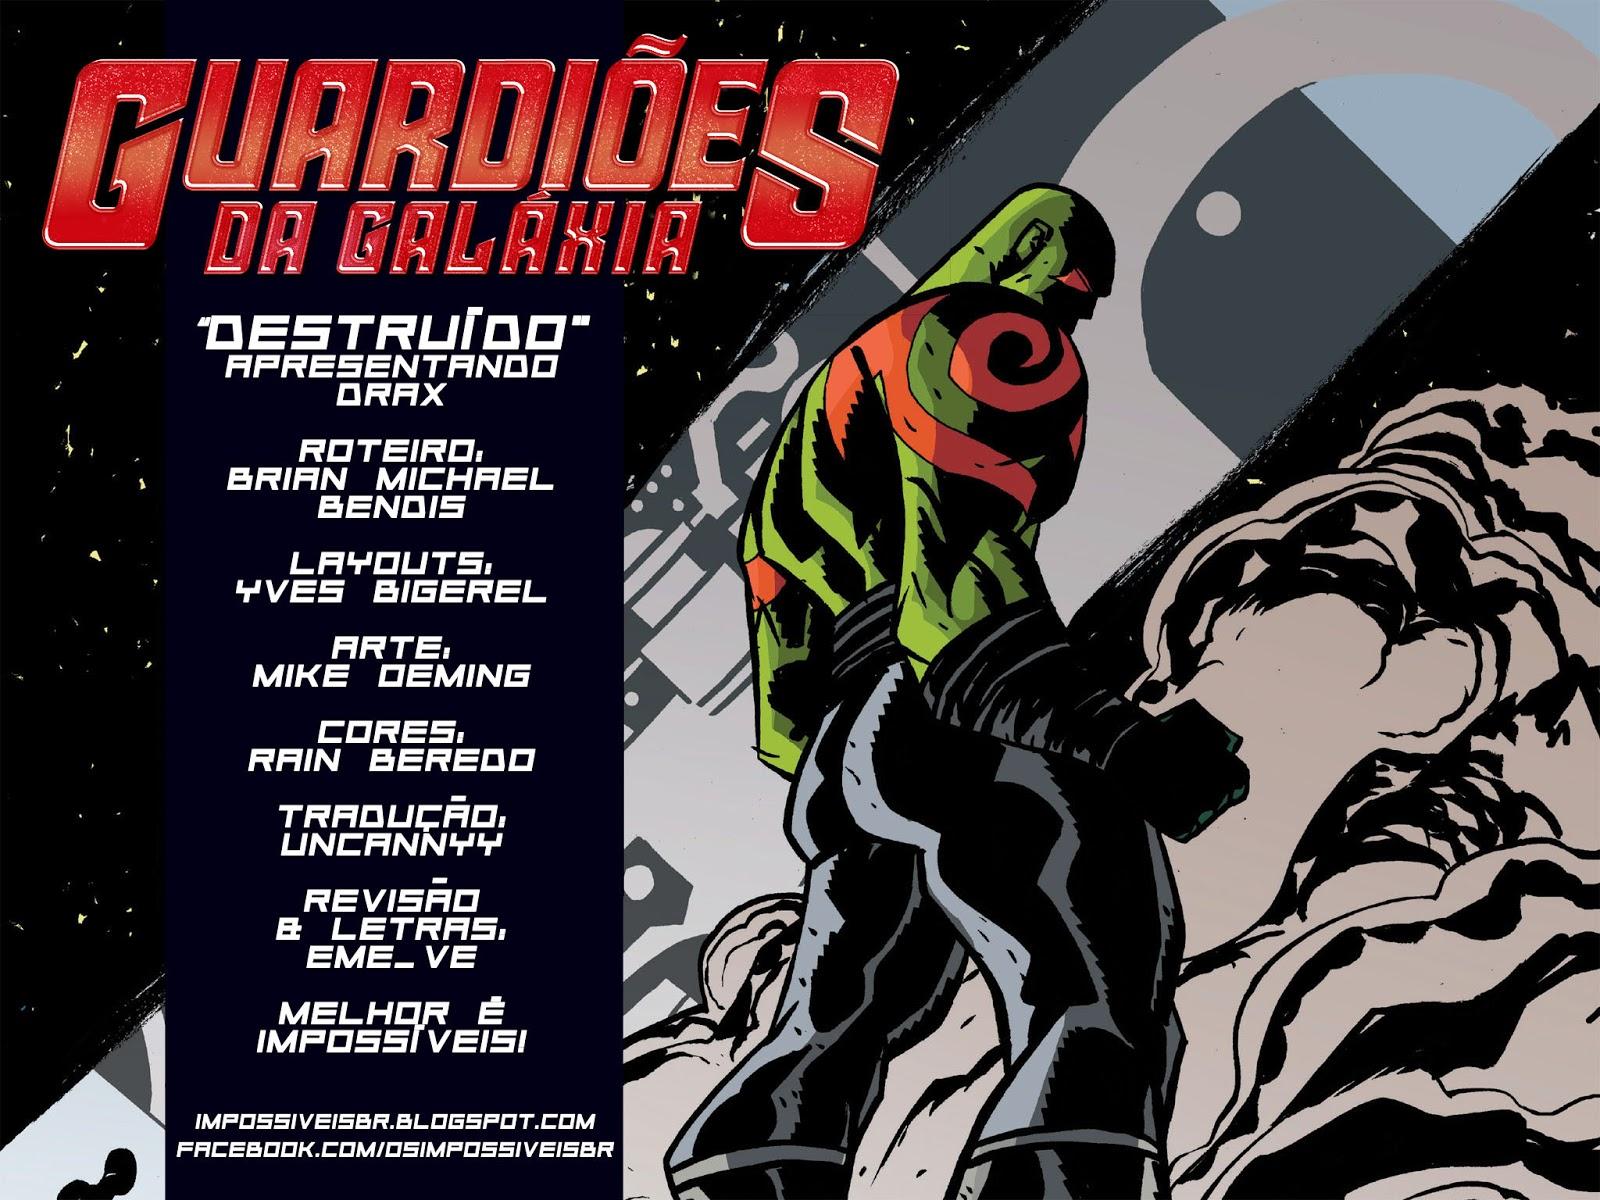 Guardiões da Galáxia - Drax #1